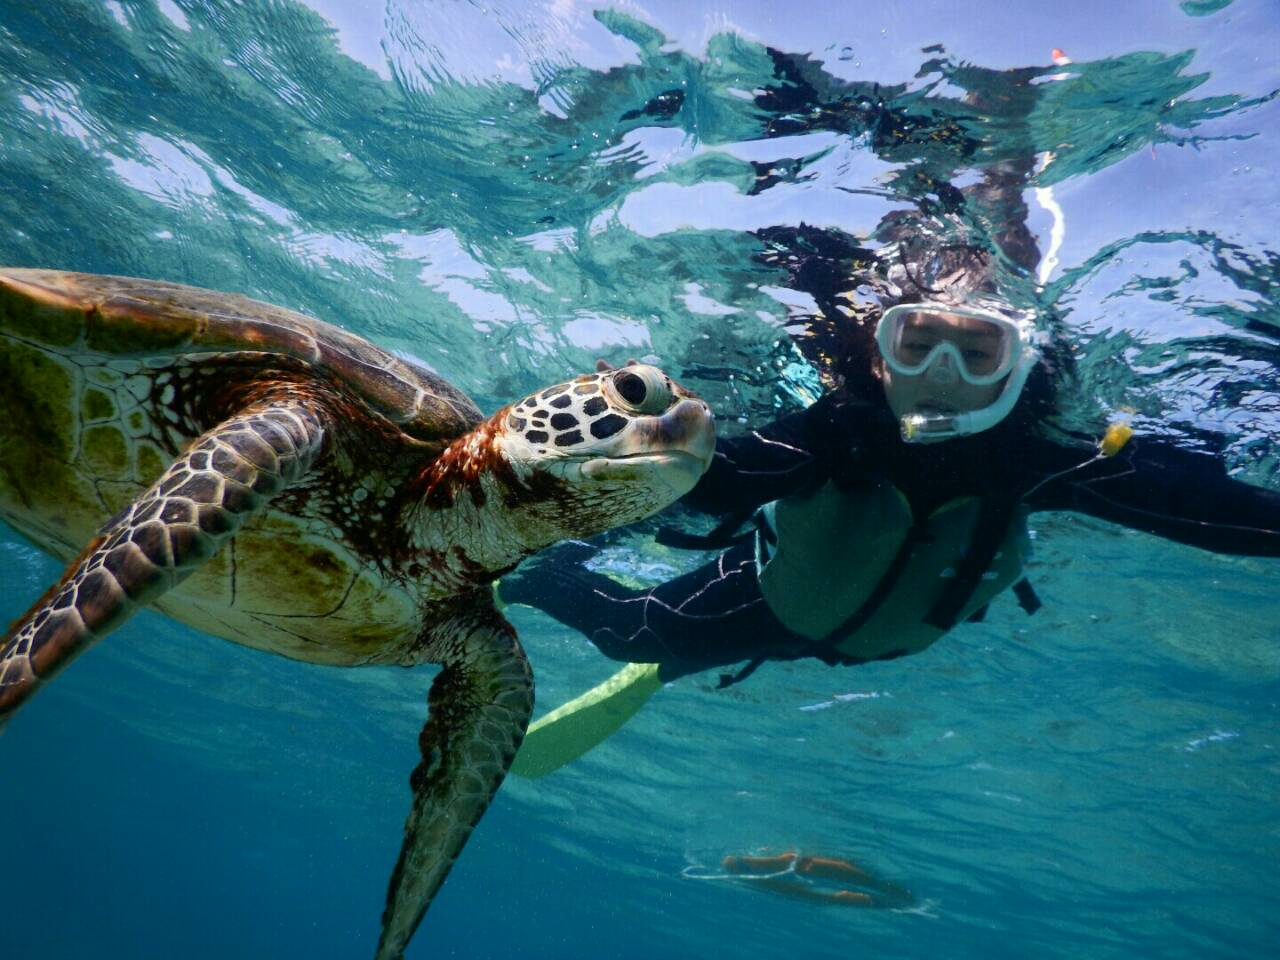 ウミガメと水面でシュノーケル写真